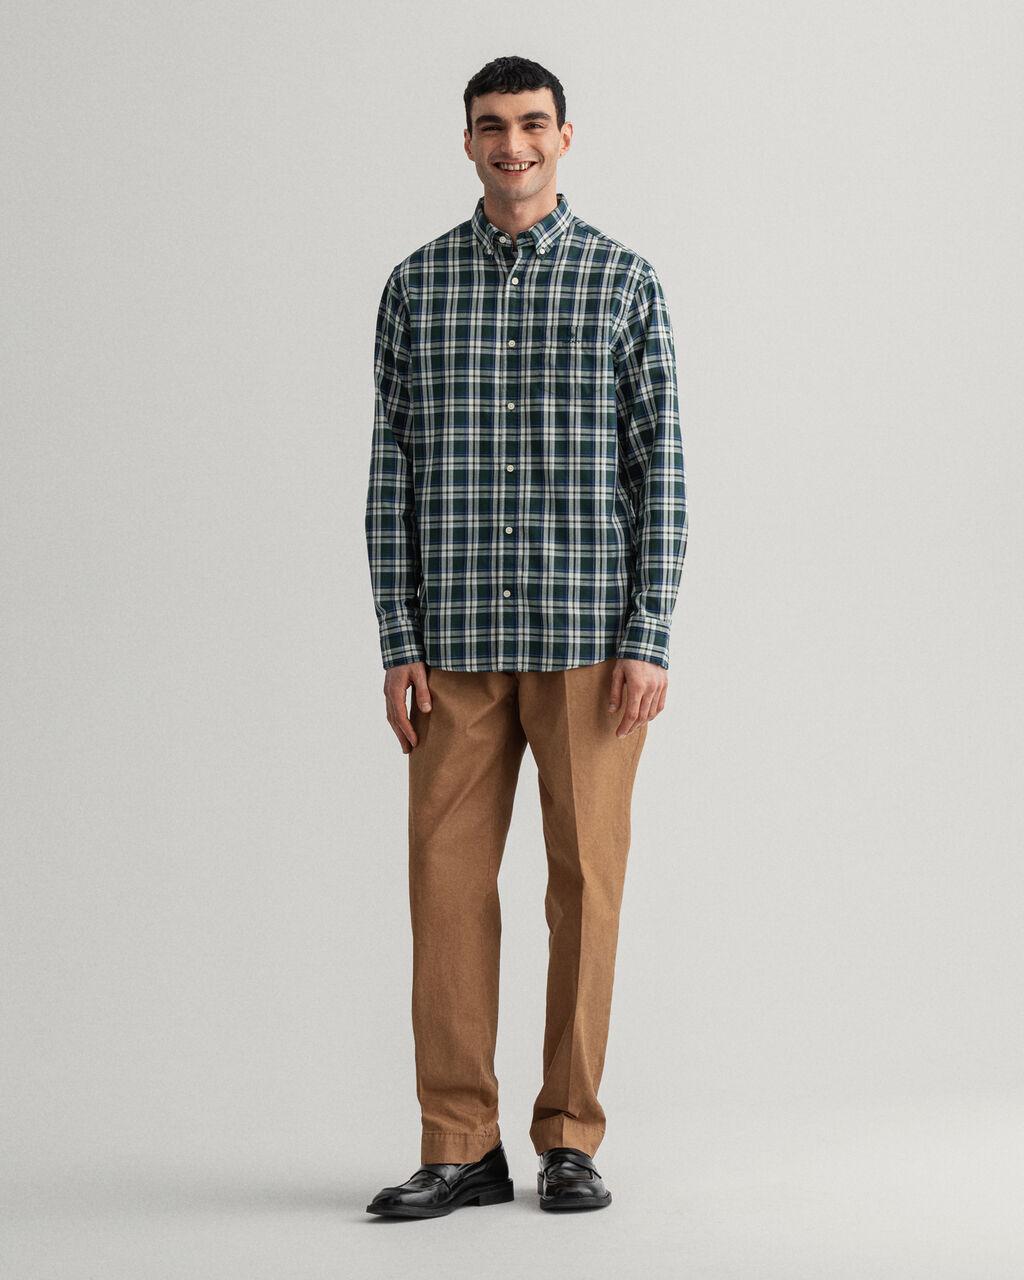 Camisa GANT Oxford com padrão de xadrez índigo Tech Prep™